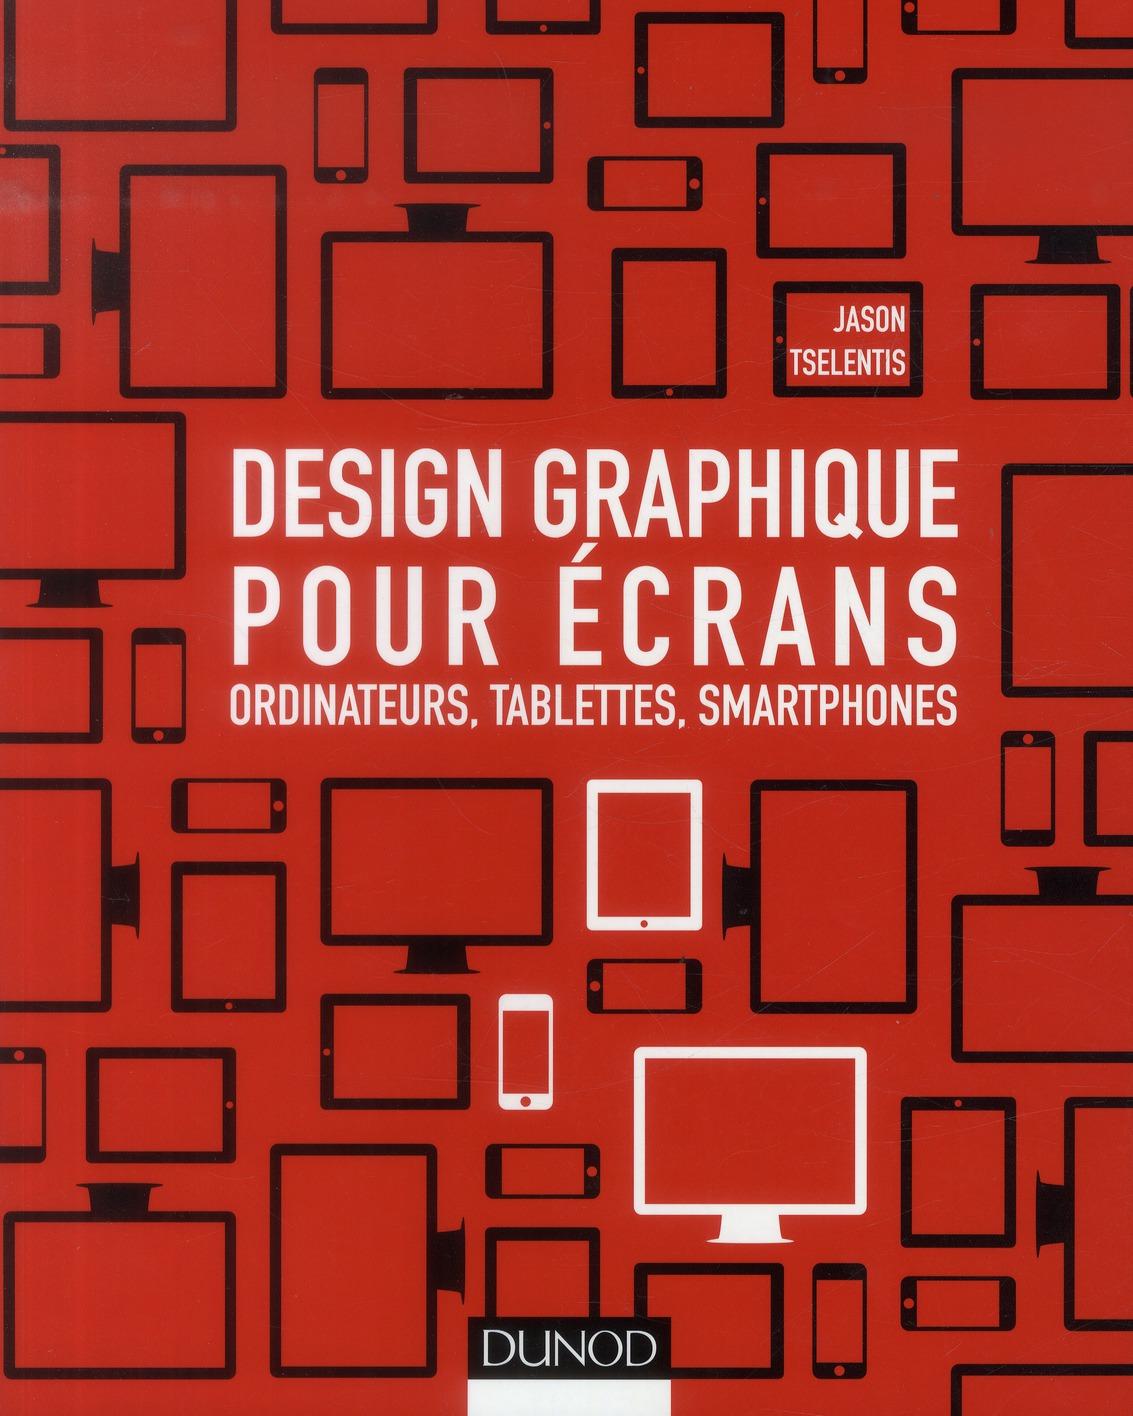 Design Graphique Pour Ecrans ; Ordinateurs, Tablettes, Smartphones